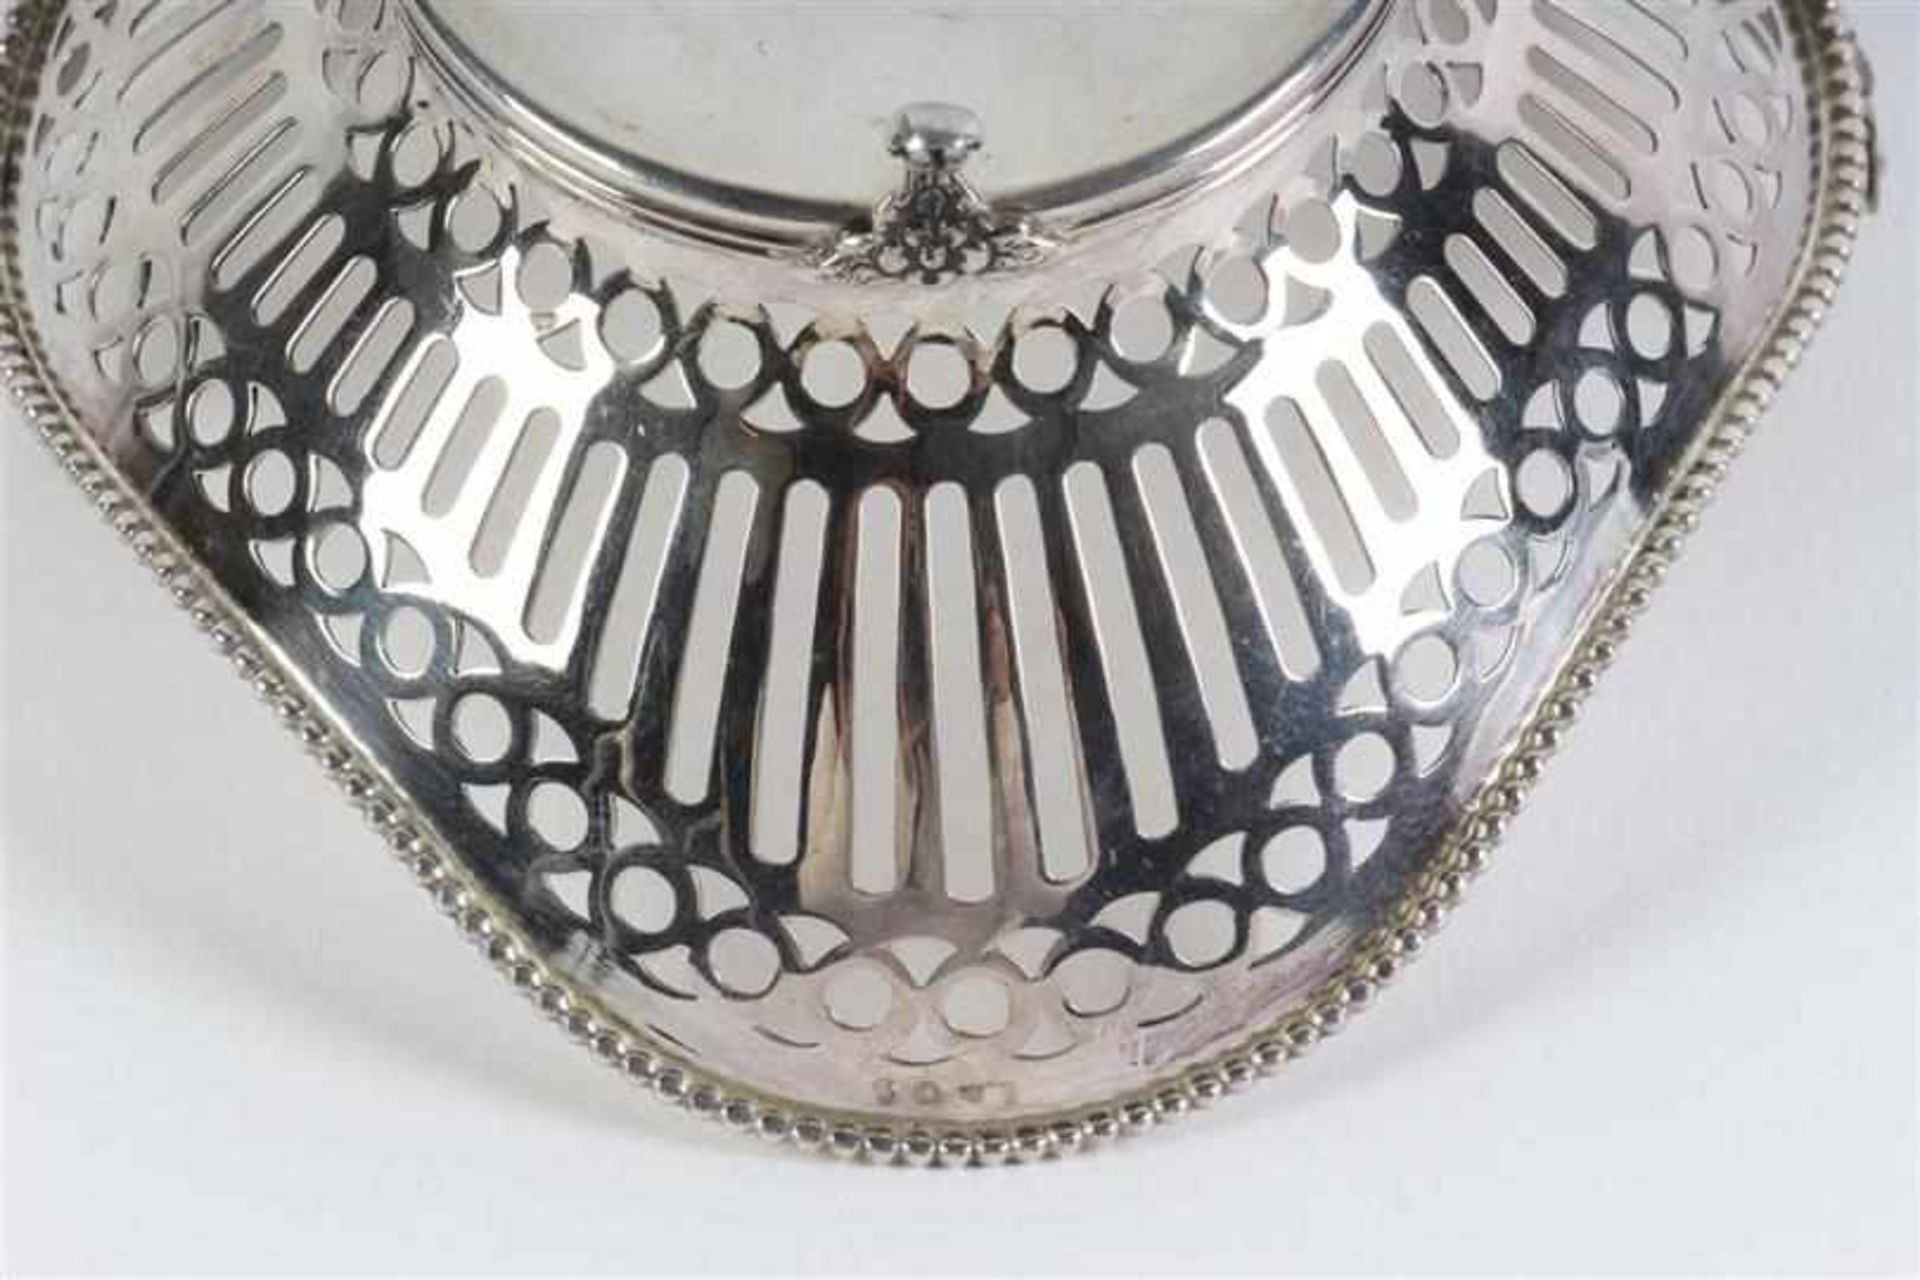 Zilveren bonbonmandje met hengsel en parelrand, Holland, 20e eeuw. L: 13 cm. Gewicht: 94 g. - Bild 4 aus 4